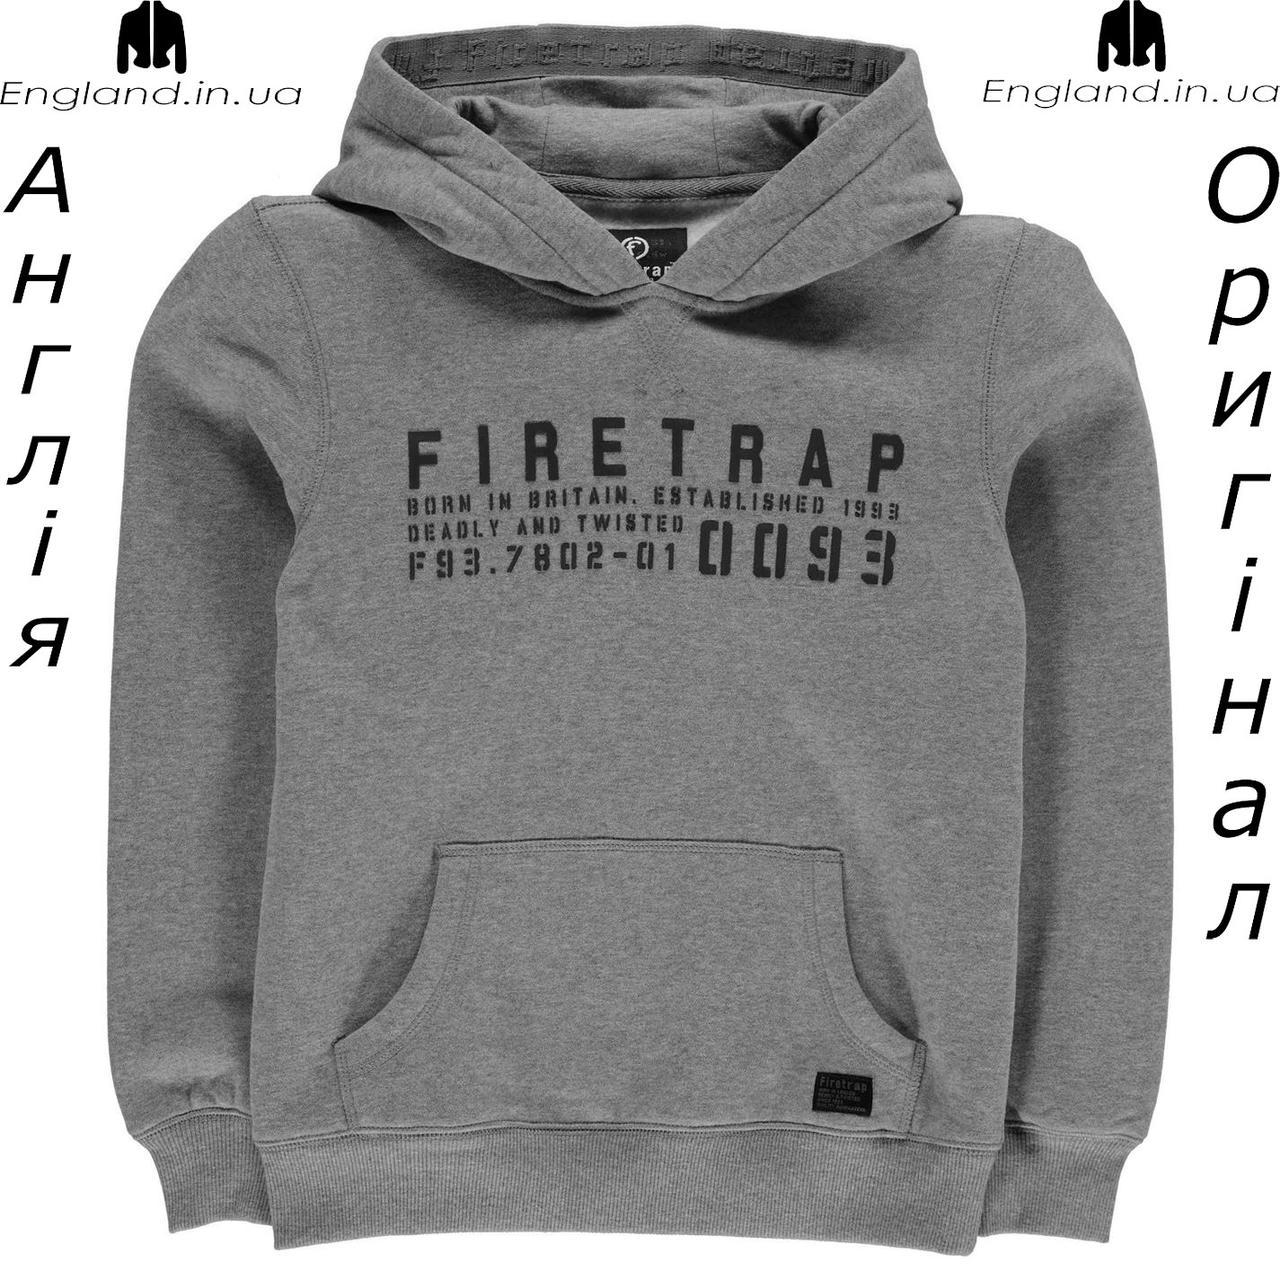 Худи Firetrap из Англии для мальчиков 2-14 лет - кофта толстовка